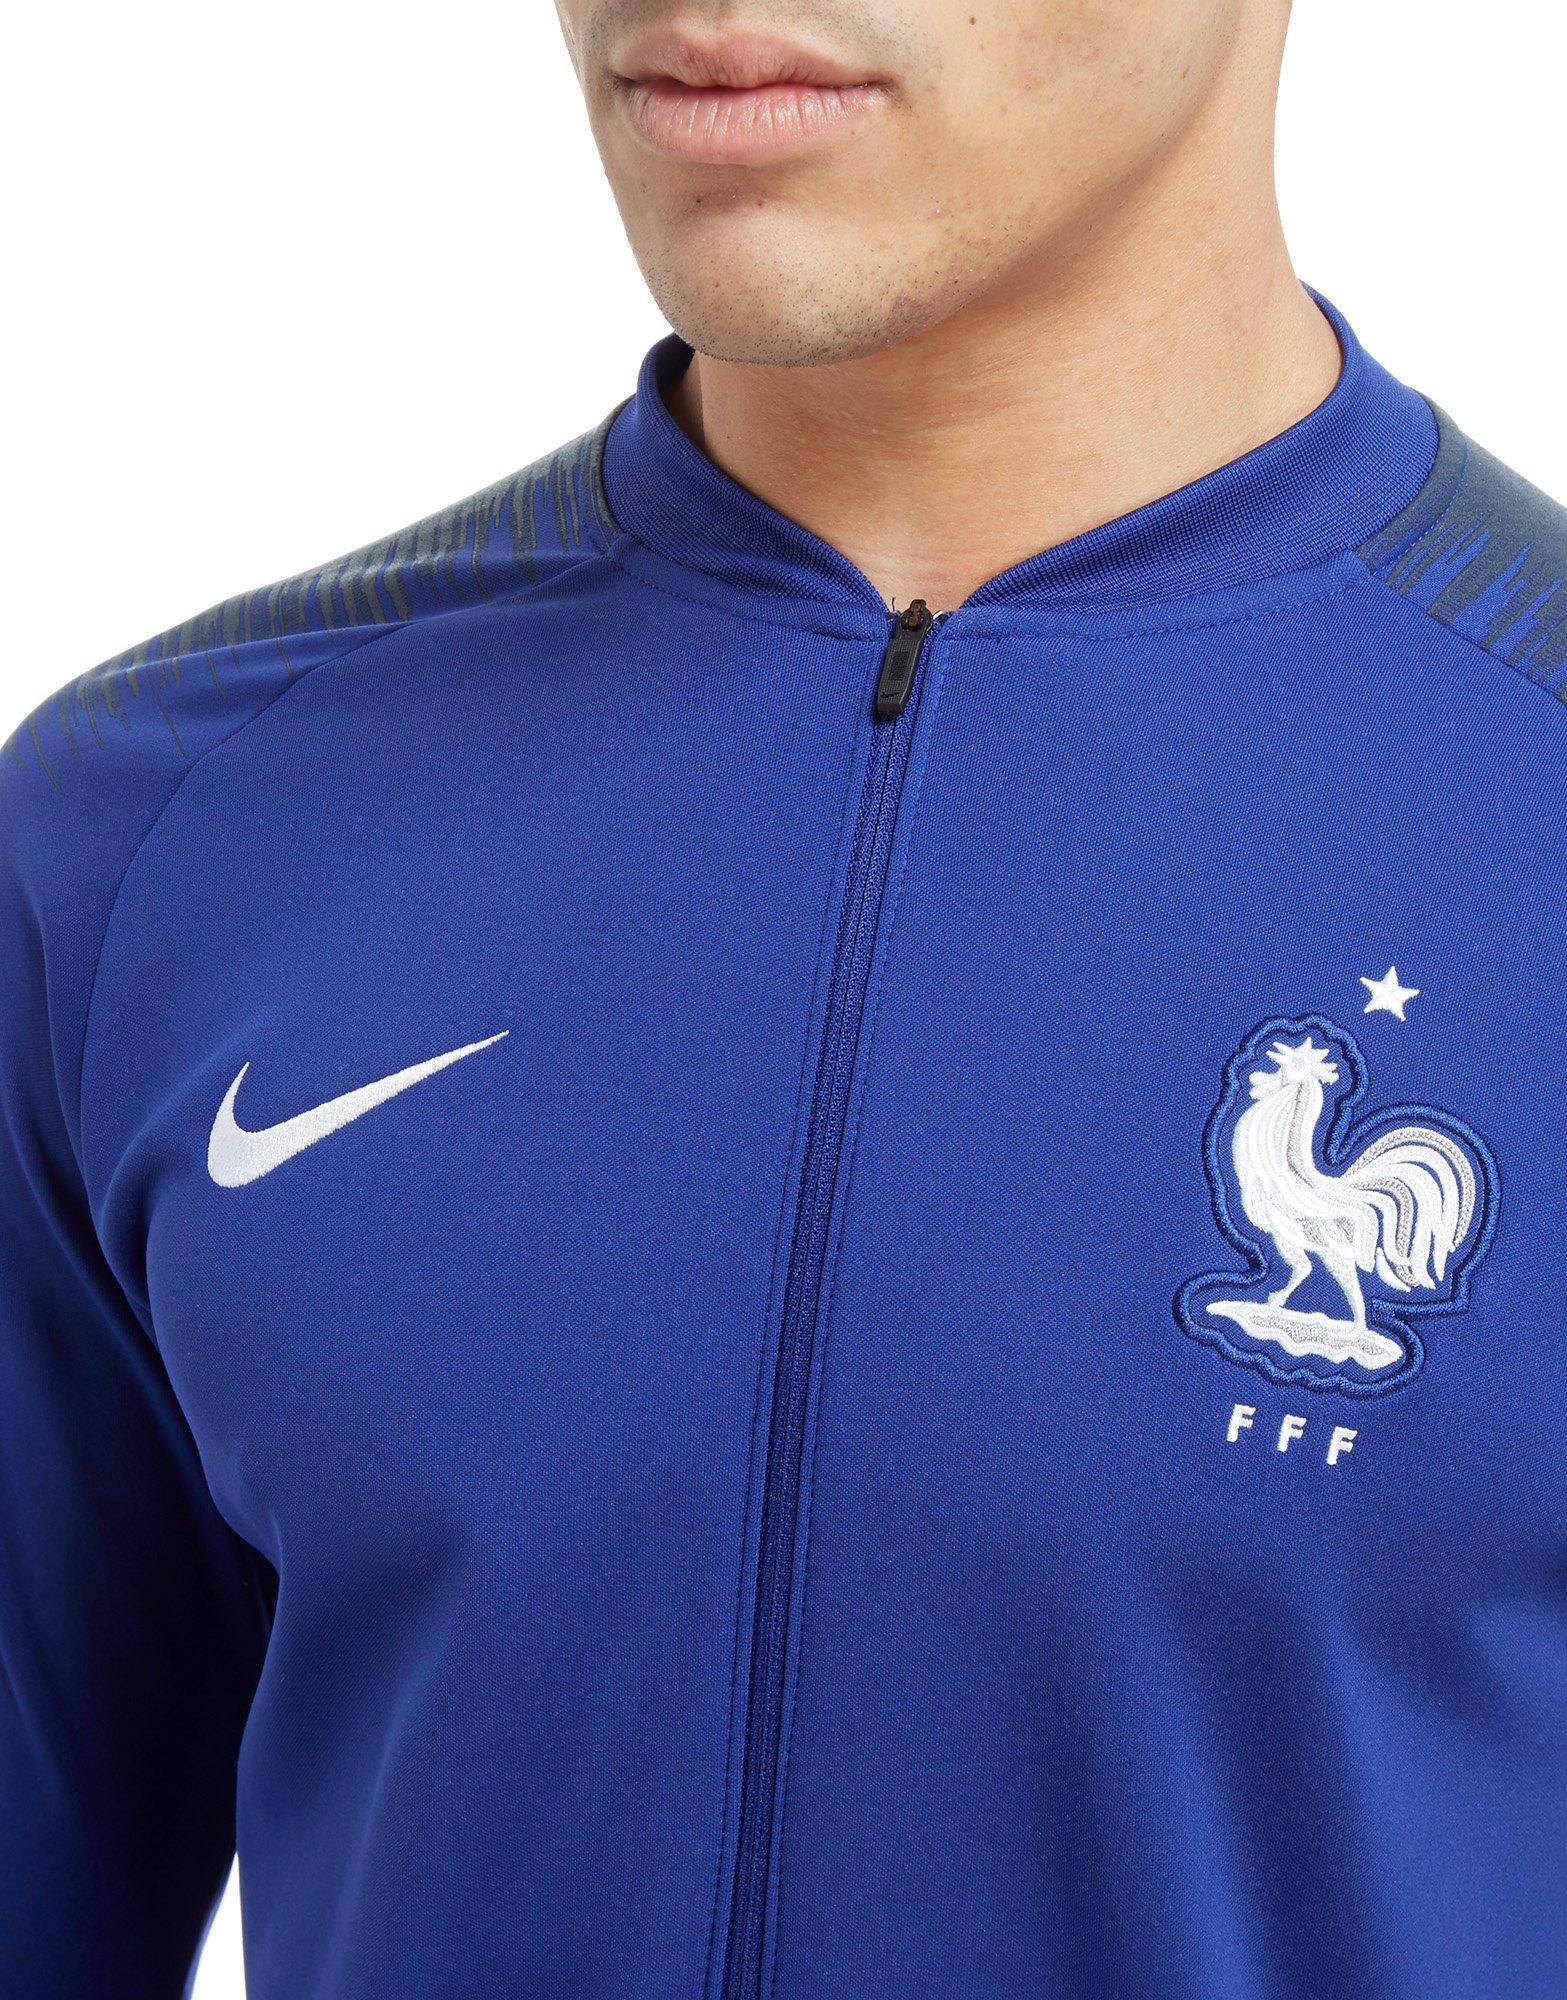 75c4836076 Veste nike fff tech knit bleu – Vestes élégantes populaires